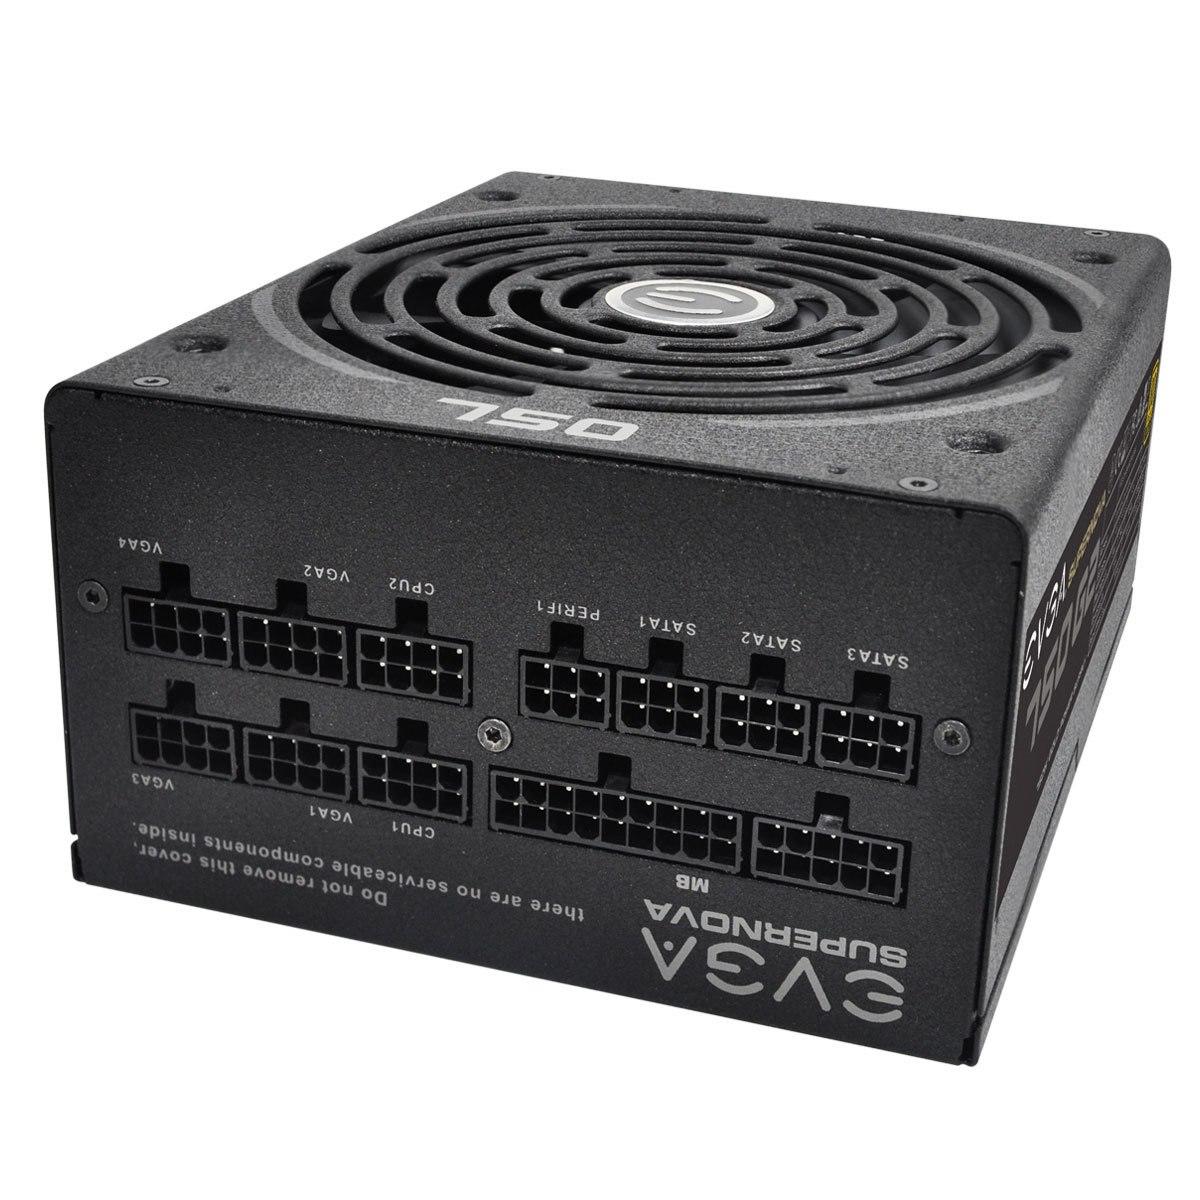 EVGA SuperNOVA 750 G2 ATX12V/EPS12V Power Supply - 90% Efficiency - 750 W